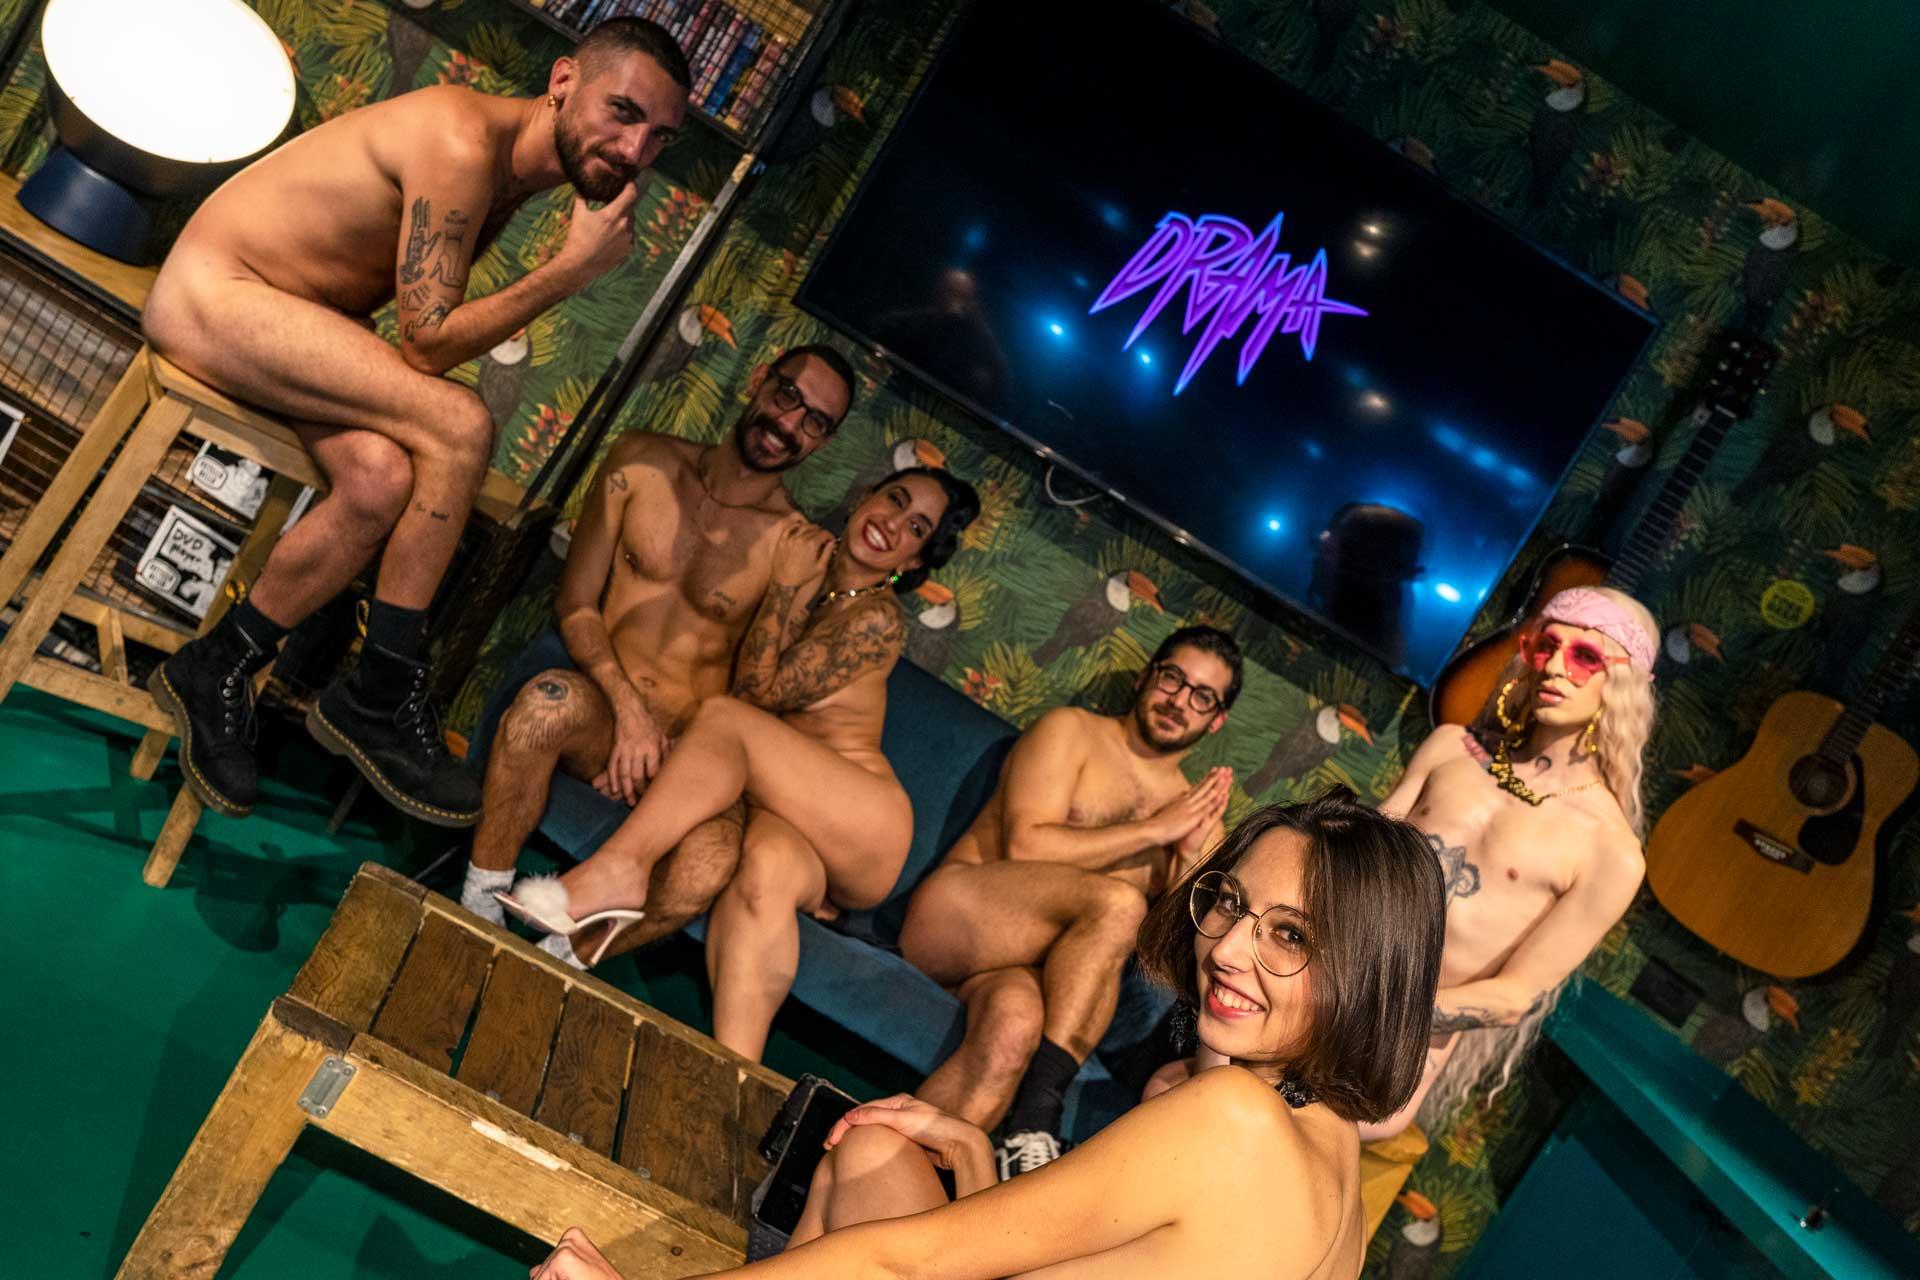 Intervista nuda con gli organizzatori di Drama Milano queer cabaret